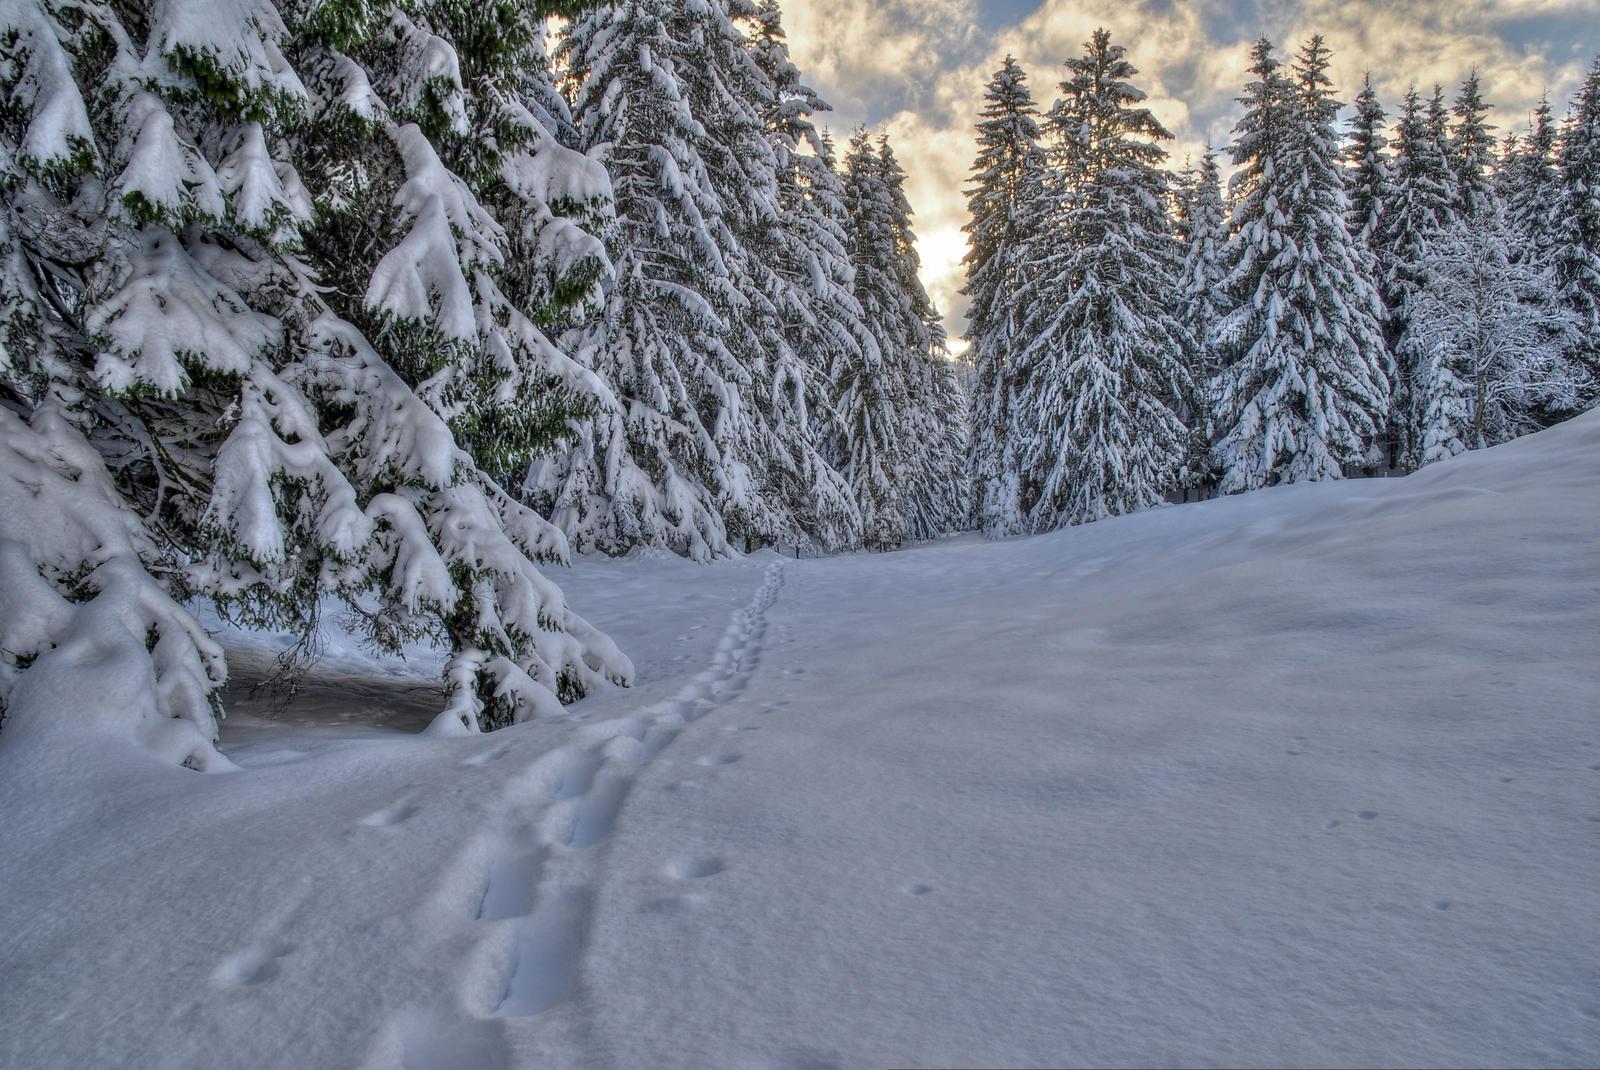 Along That Snowy Path by Burtn